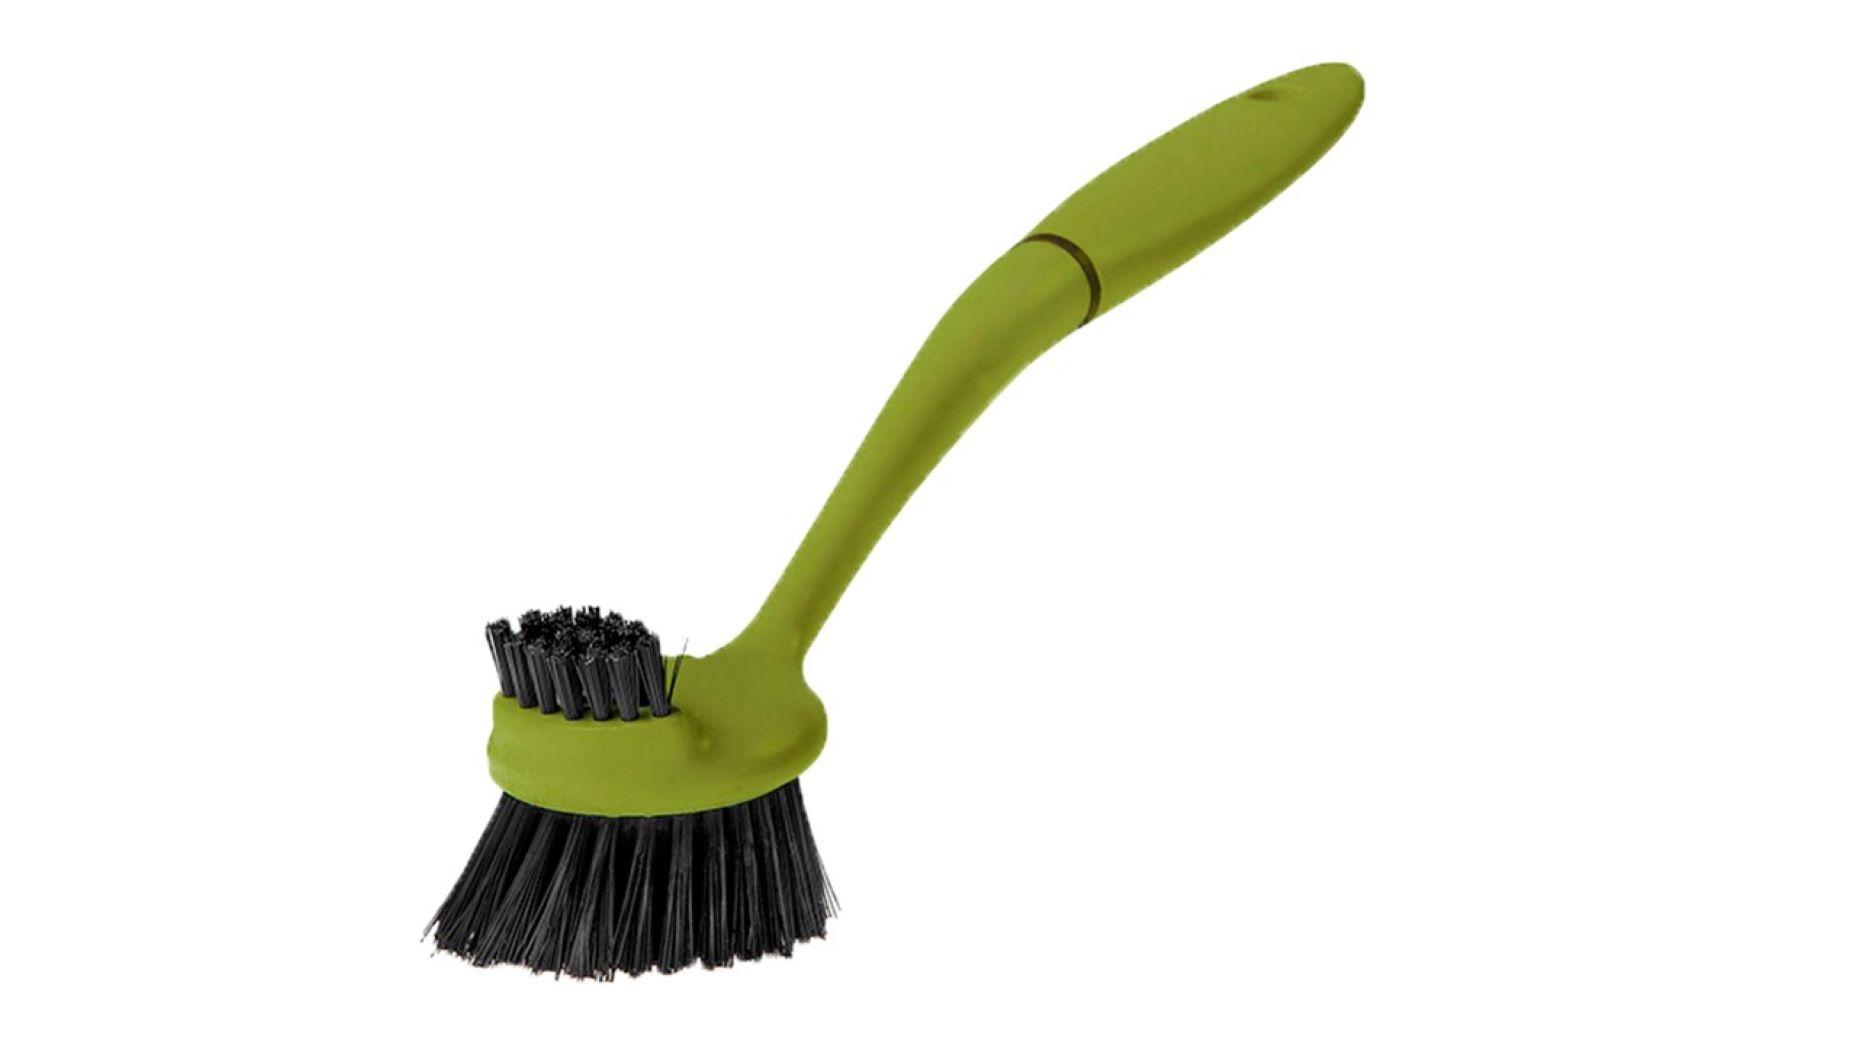 Greener Cleaner Tiskiharja pyöreä